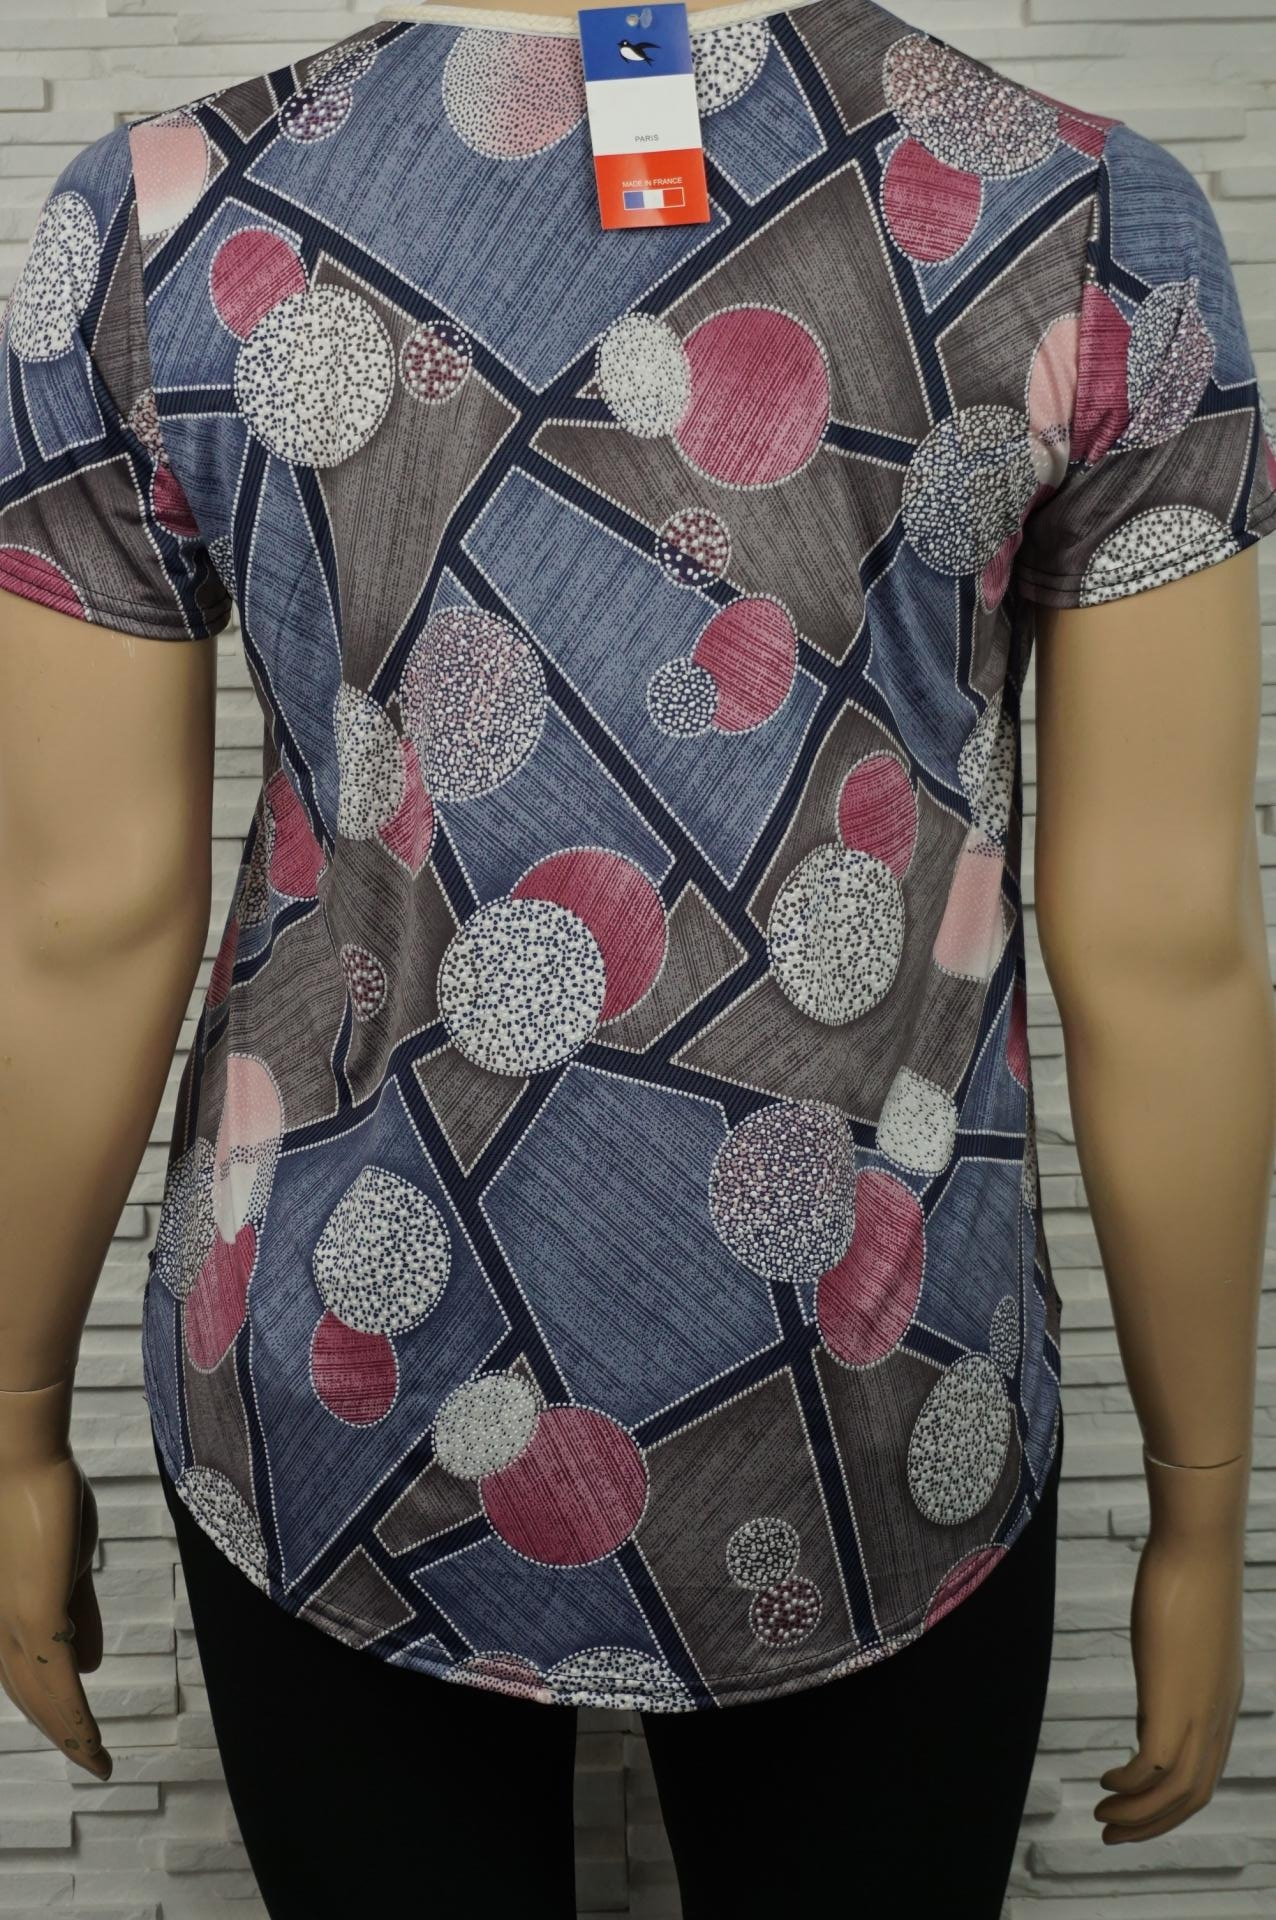 Tee-shirt bohême imprimé géométrique.